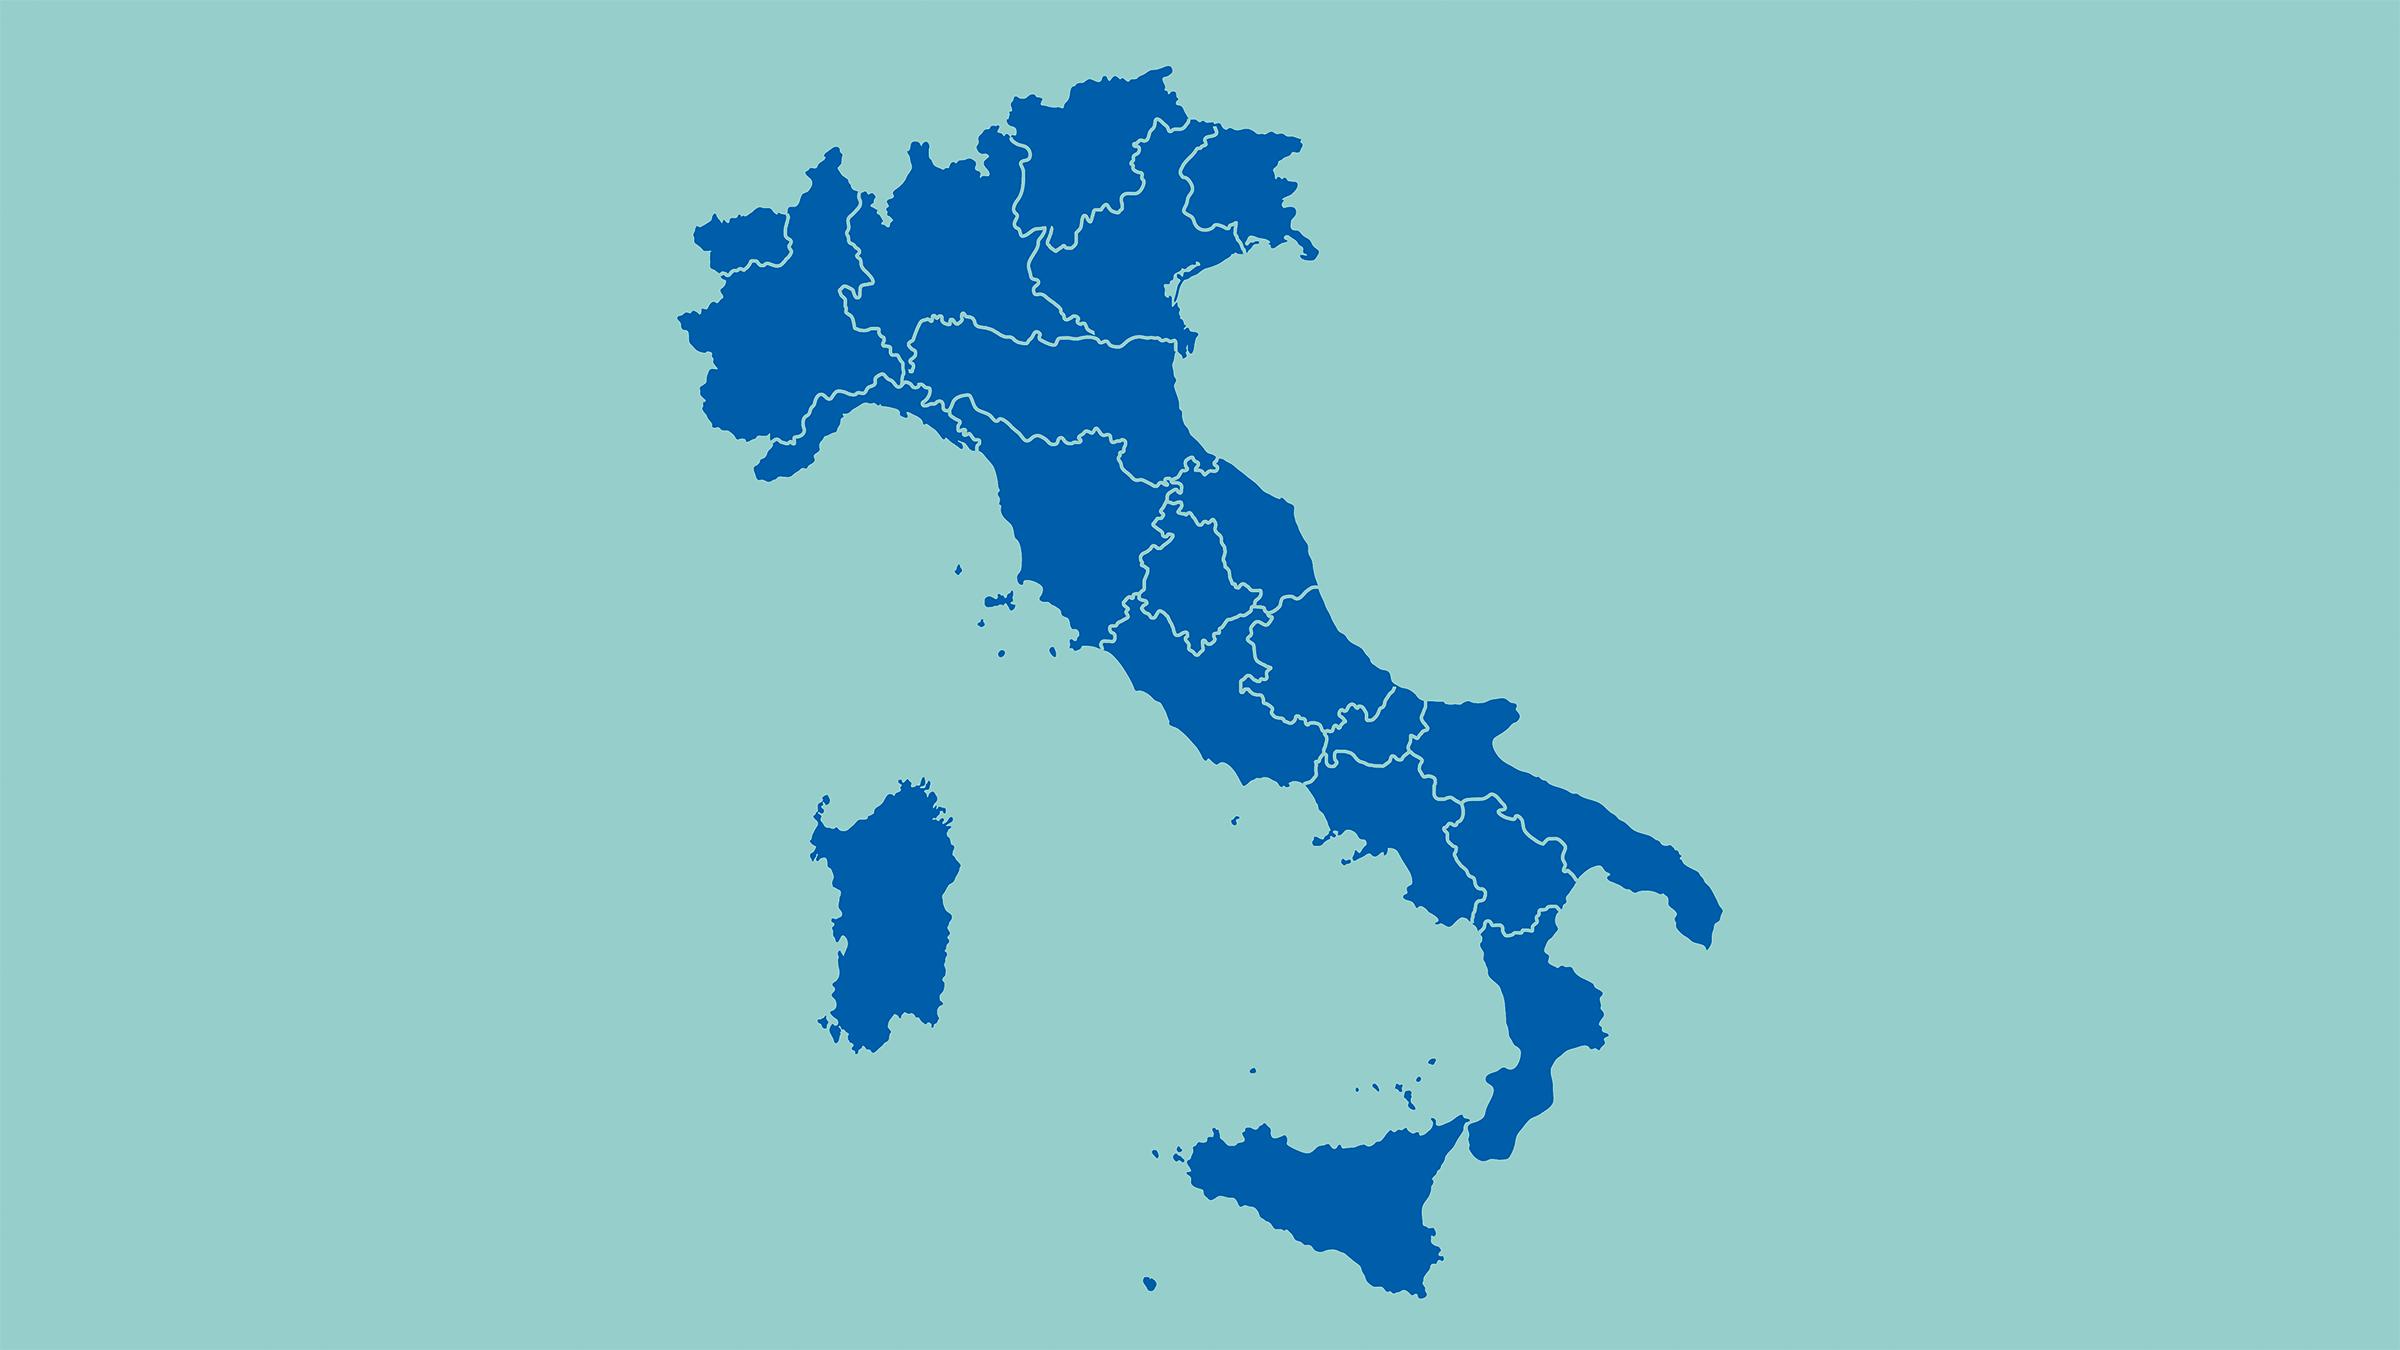 Mapa De Italia Mudo.Mala Politico Mudo De Italia Mapas Del Mundo Mapas Del